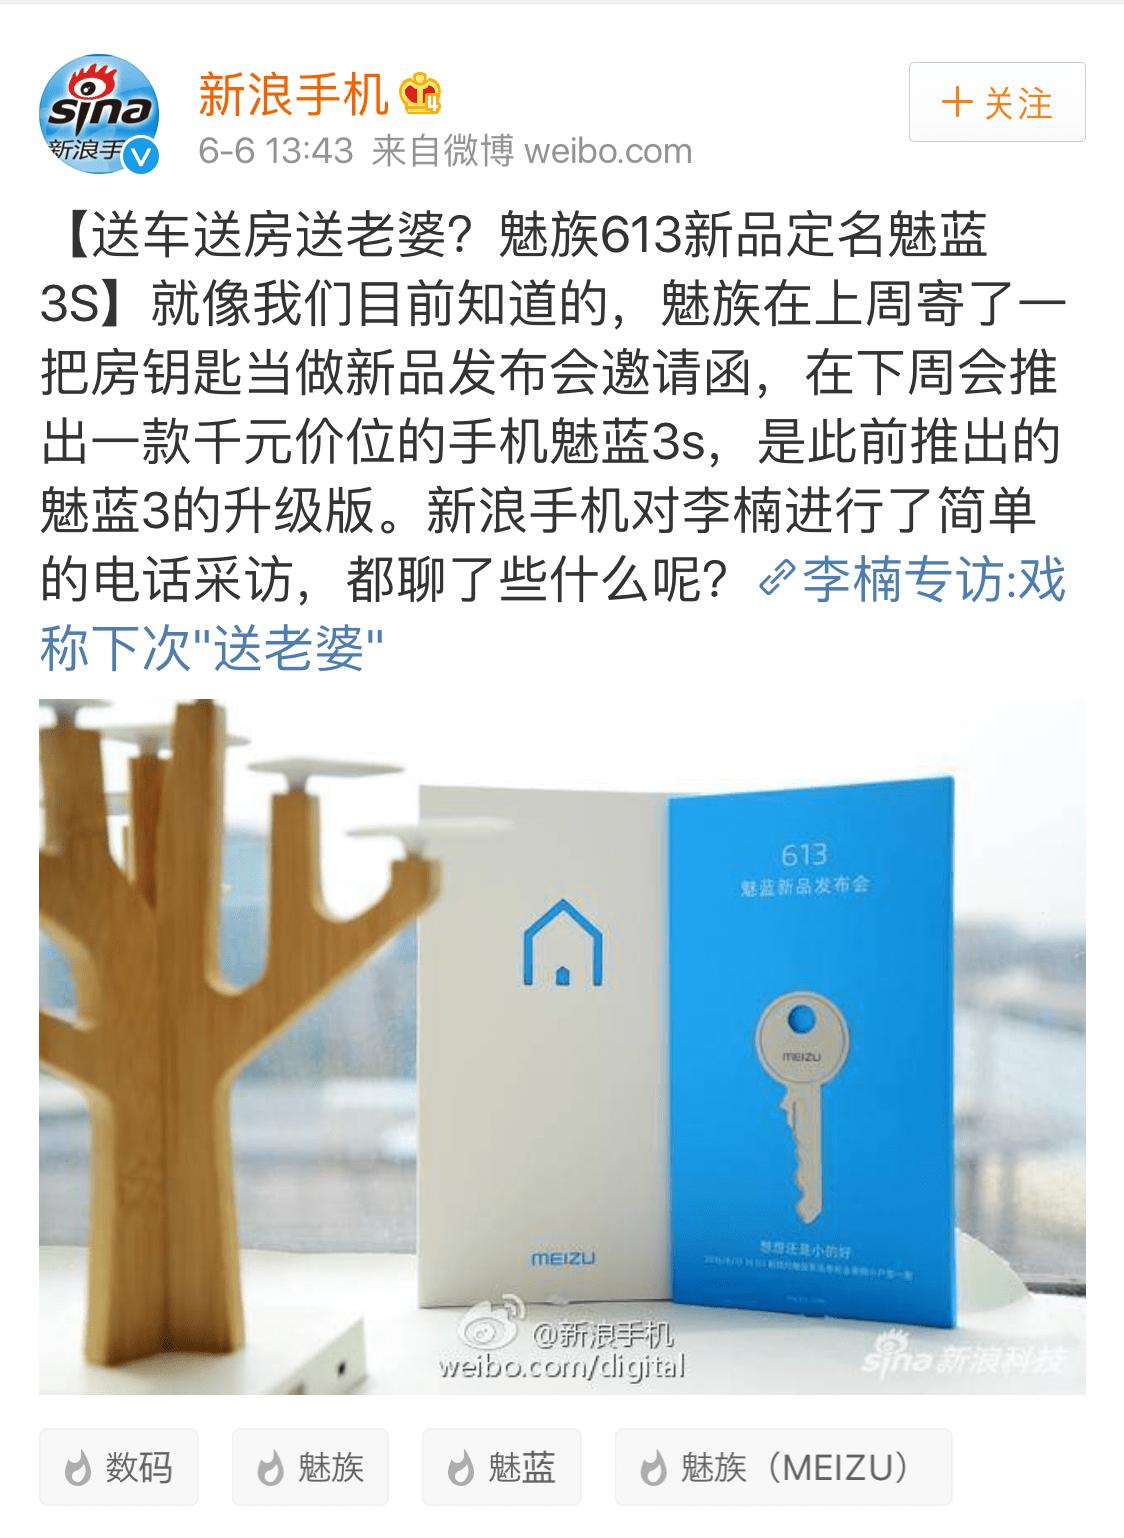 6月13日に発表されるスマートフォンの名称は魅藍3S(Meizu m3s)?weiboにてリーク